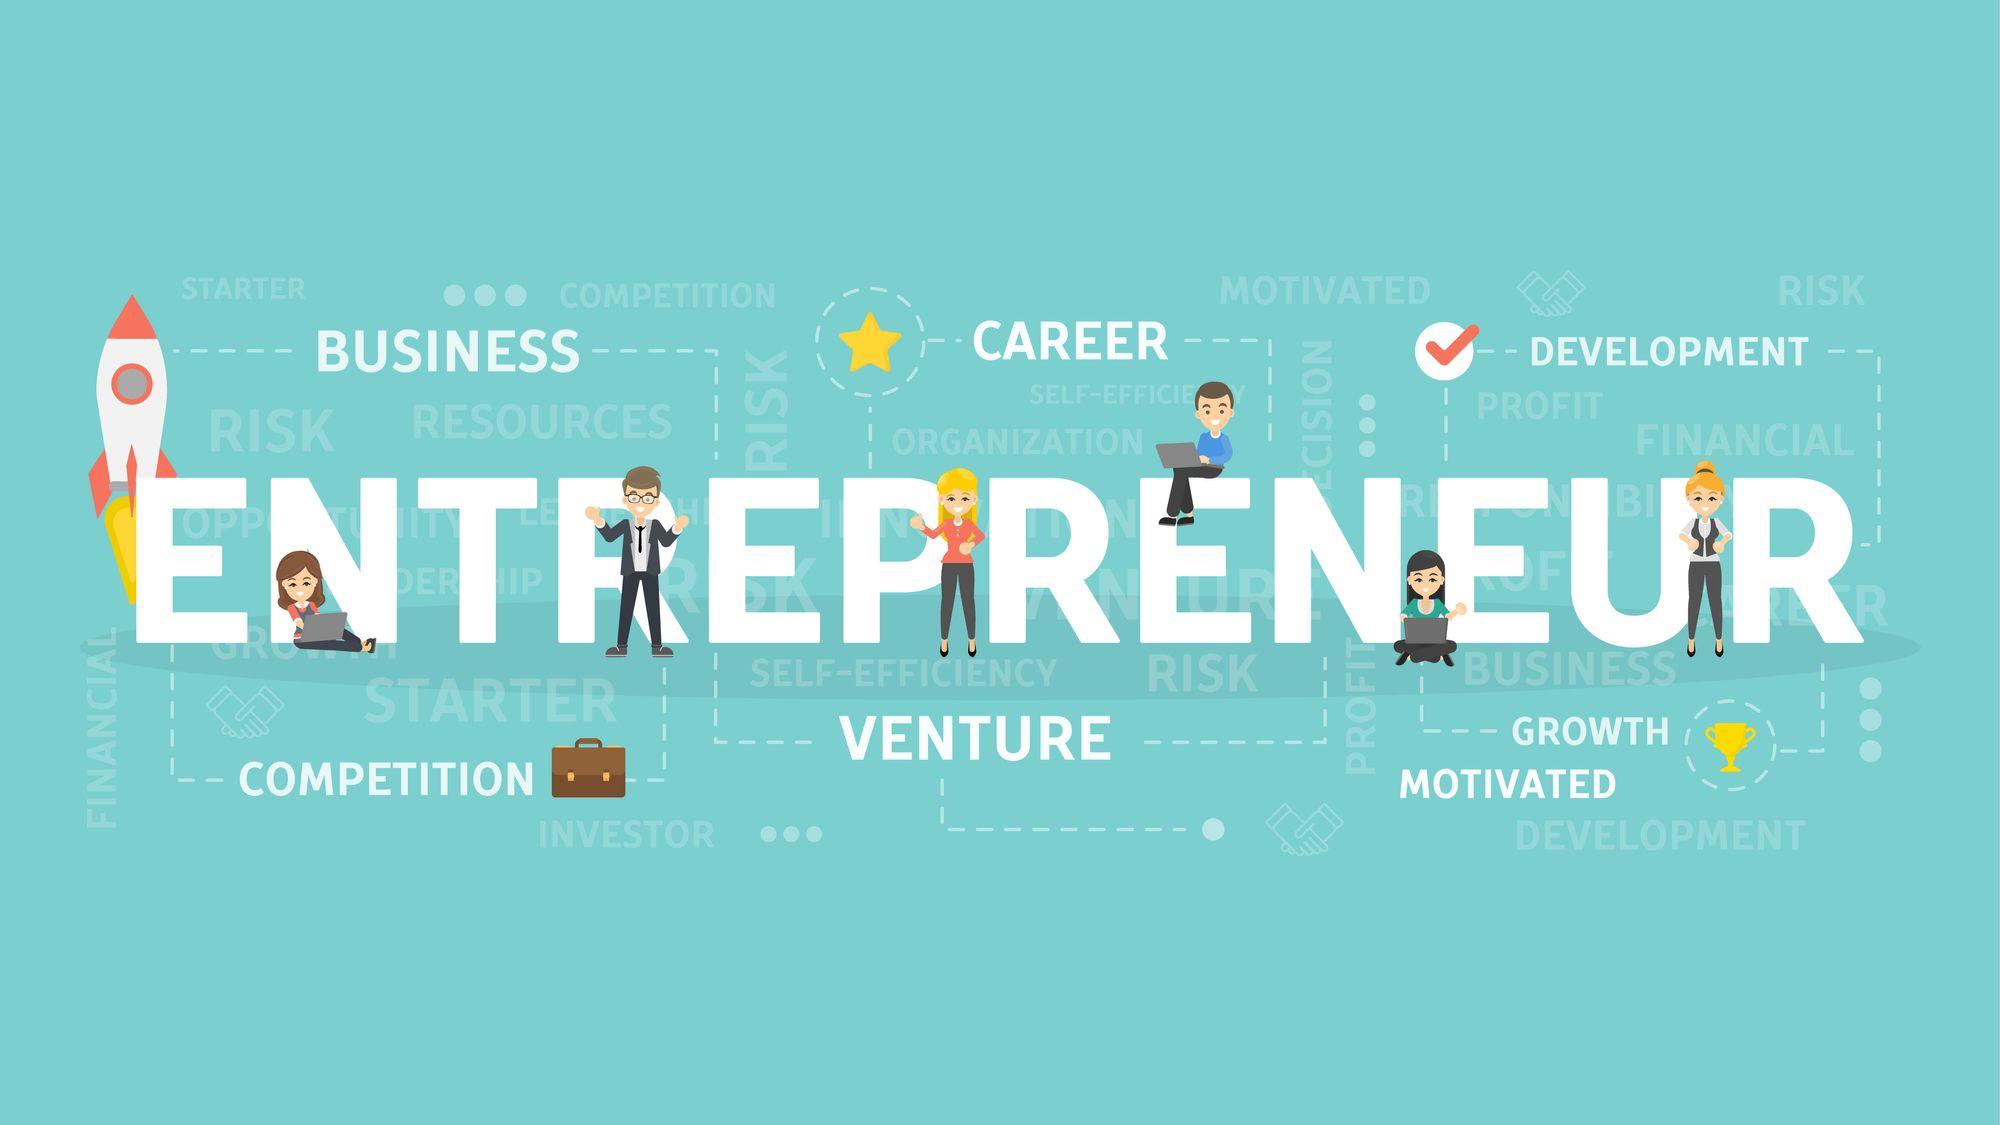 Mistakes to Avoid as an Entrepreneur